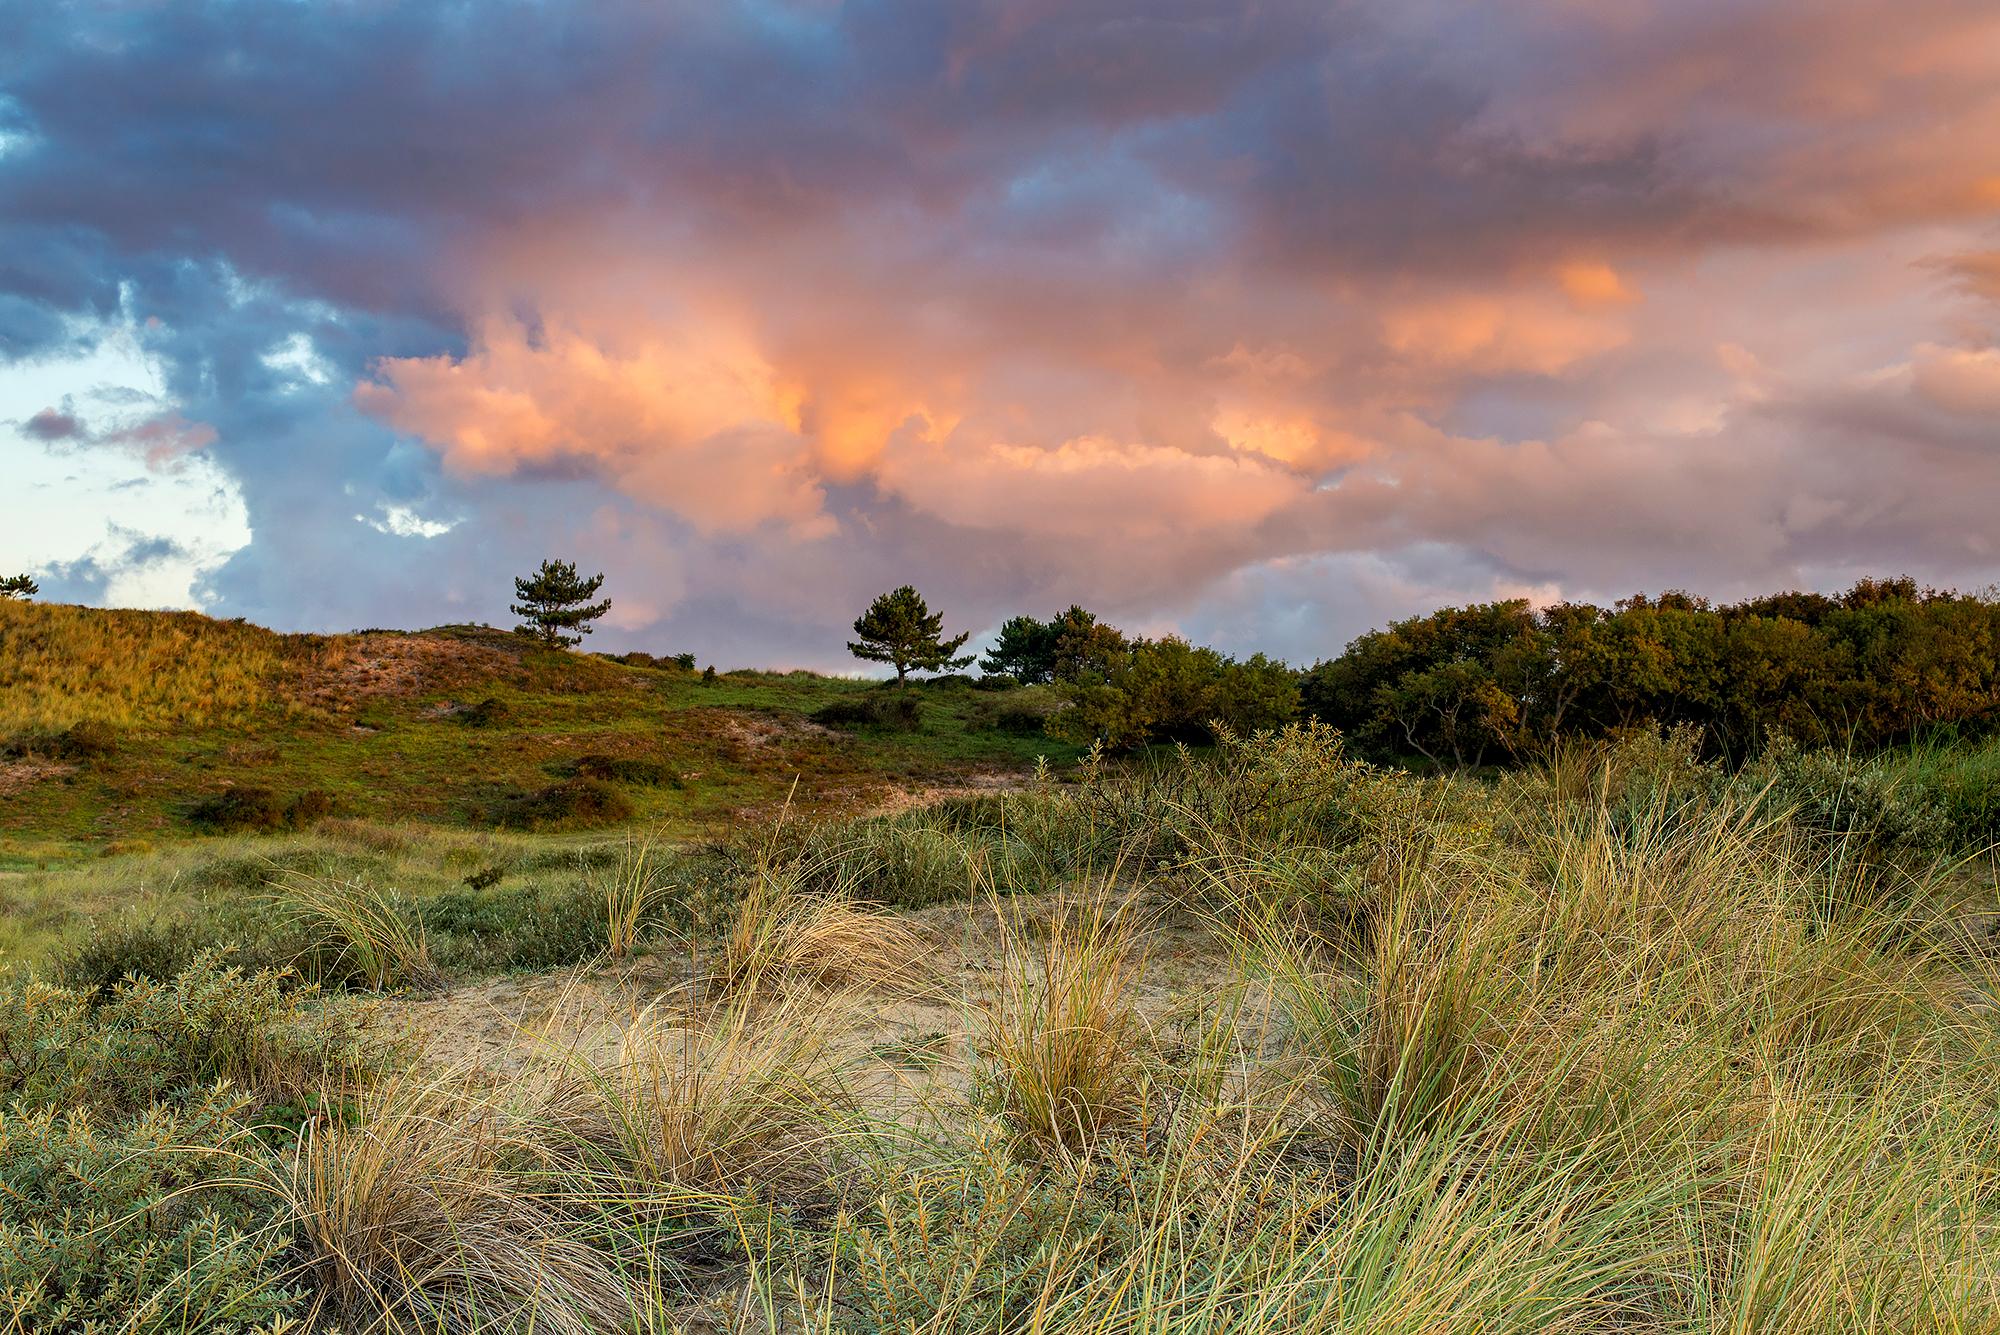 Roze wolkenlucht tijdens zonsopkomst in de duinen van het Nationaal Park Zuid-Kennemerland bij Bloemendaal aan Zee.